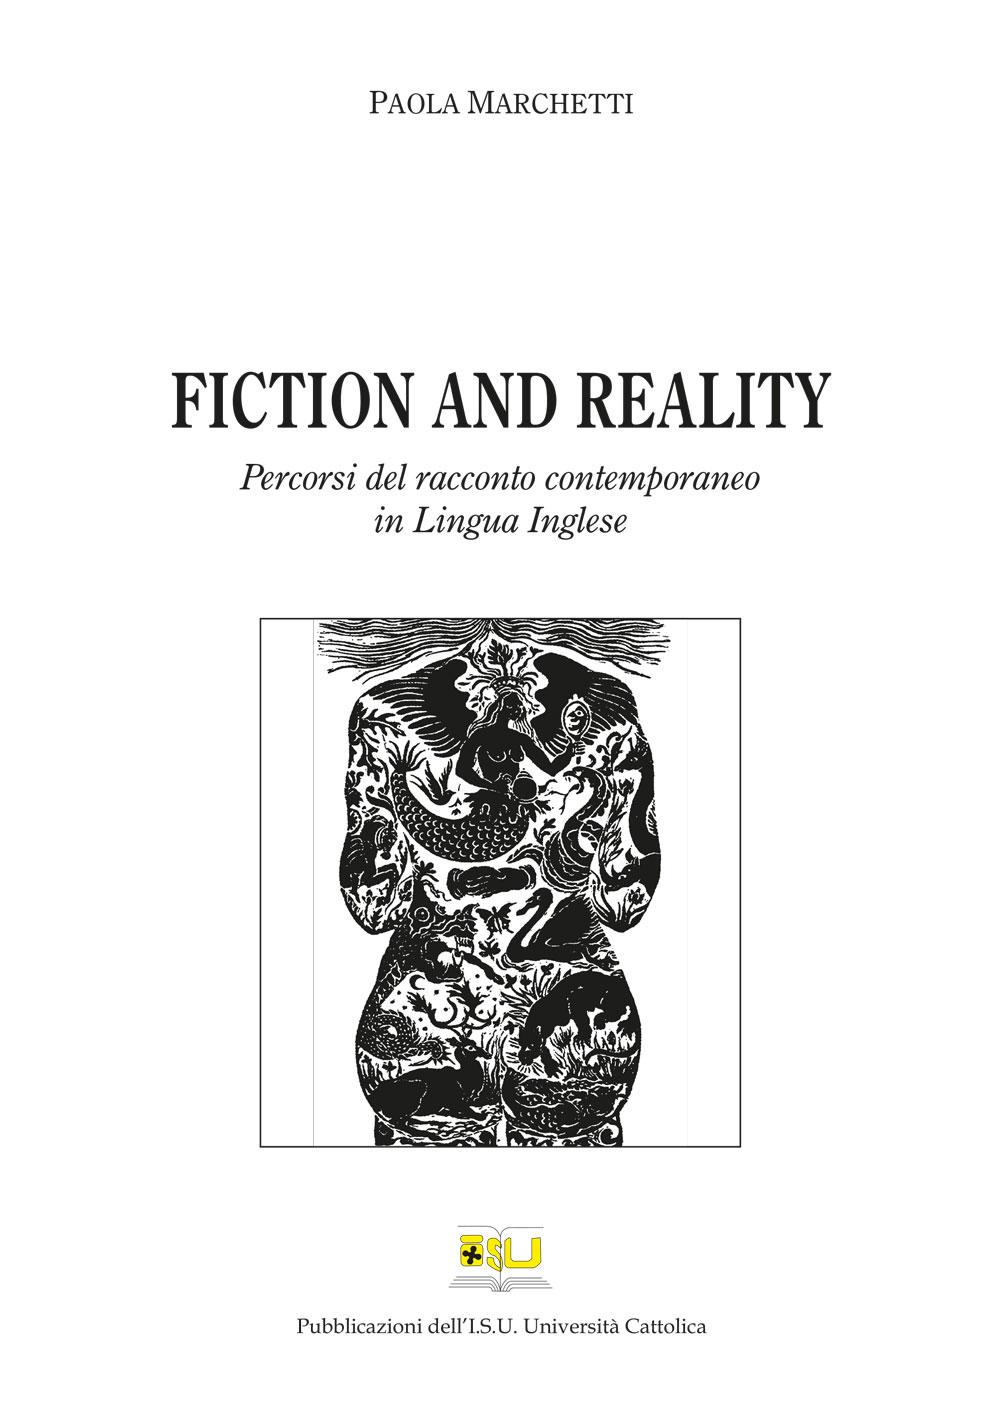 FICTION AND REALITY. PERCORSI DEL RACCONTO CONTEMPORANEO IN LINGUA INGLESE